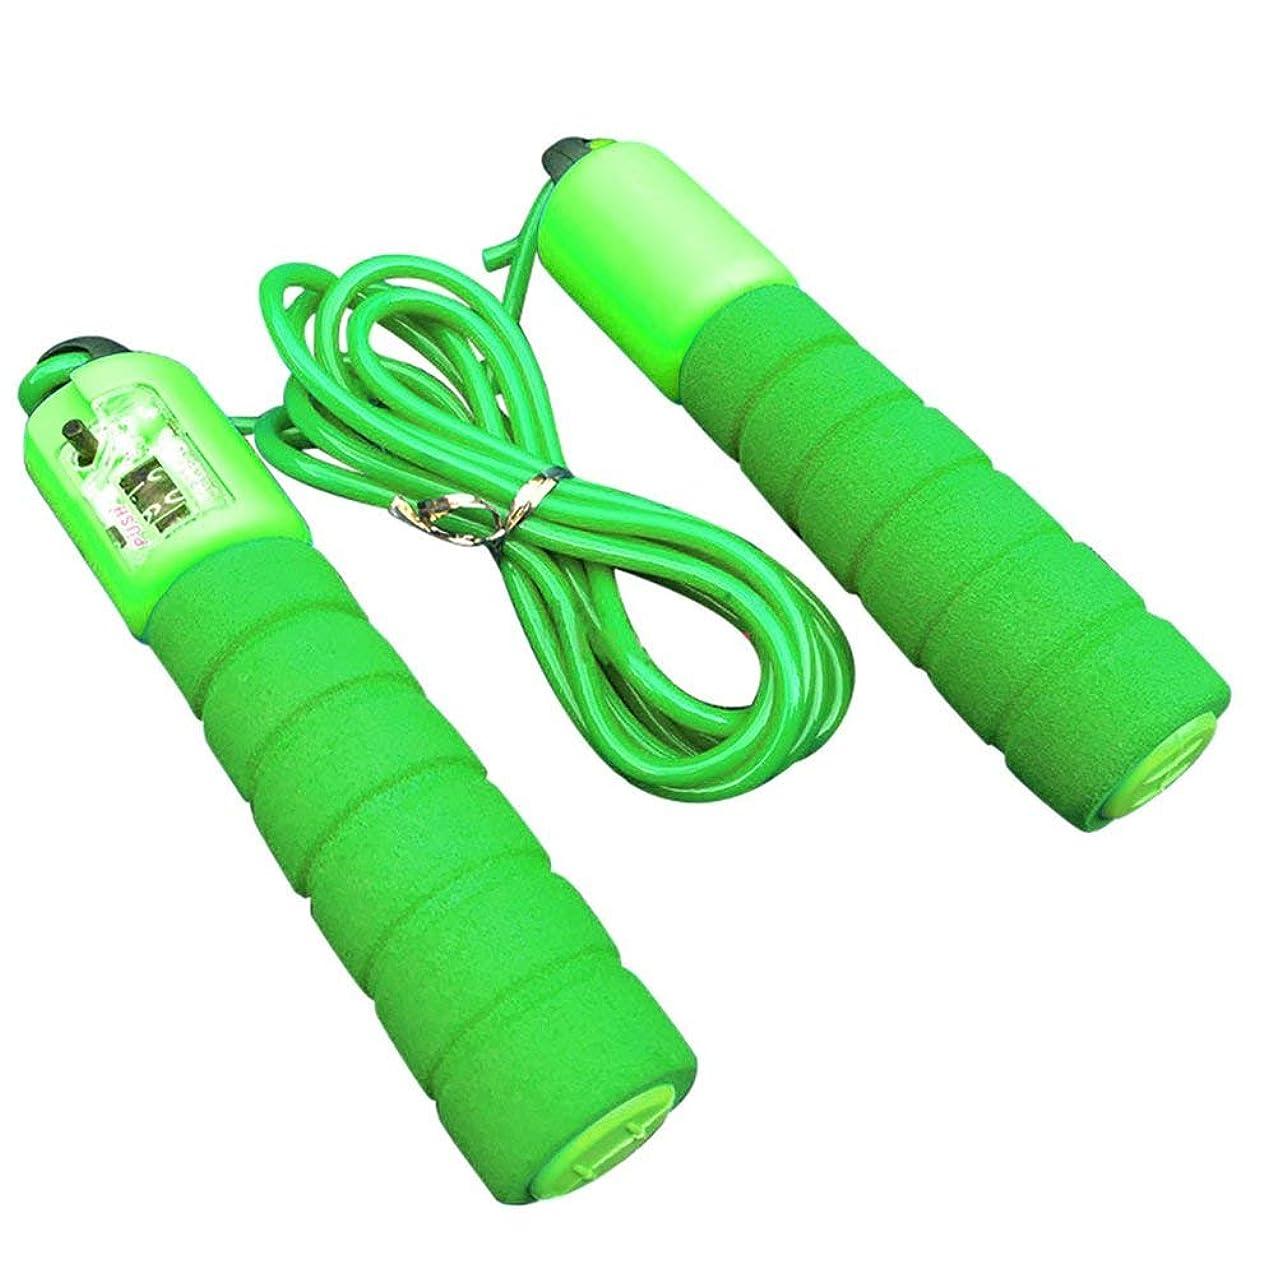 物質スリット時々時々調節可能なプロフェッショナルカウント縄跳び自動カウントジャンプロープフィットネス運動高速カウントジャンプロープ - グリーン